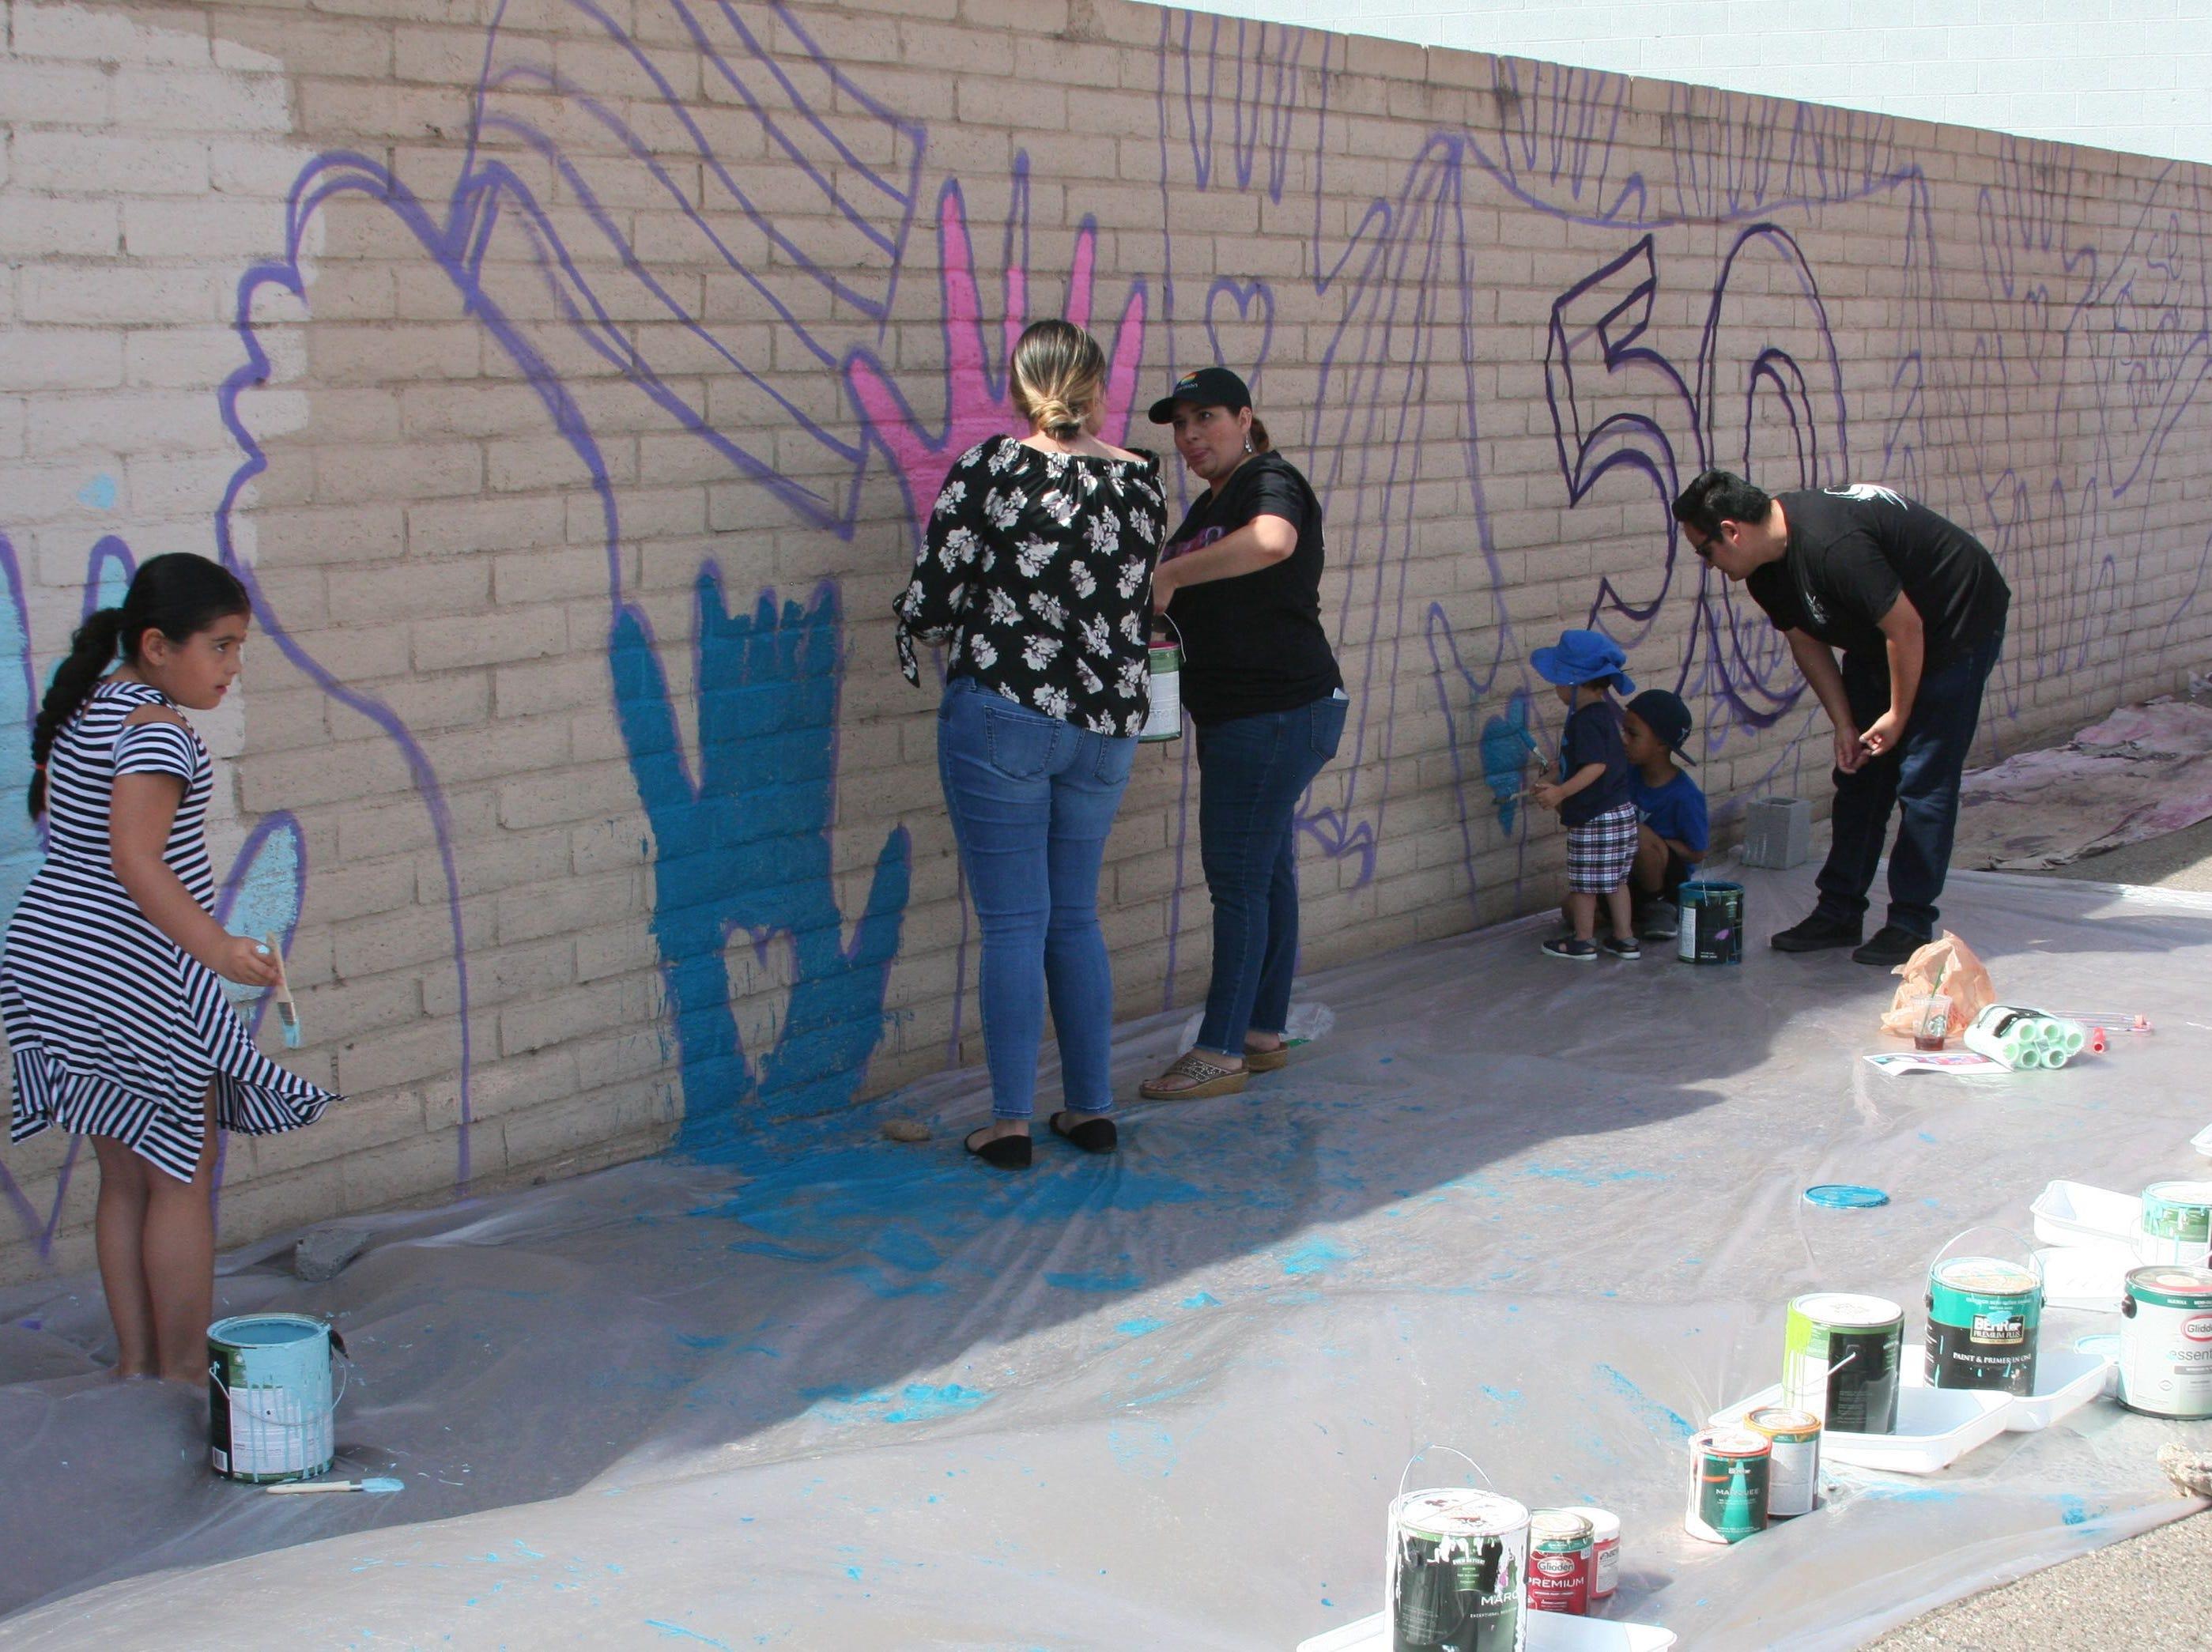 Las familias que asistieron, tuvieron la oportunidad de dejar su huella artística junto al mural del pintor Isaac Caruso.